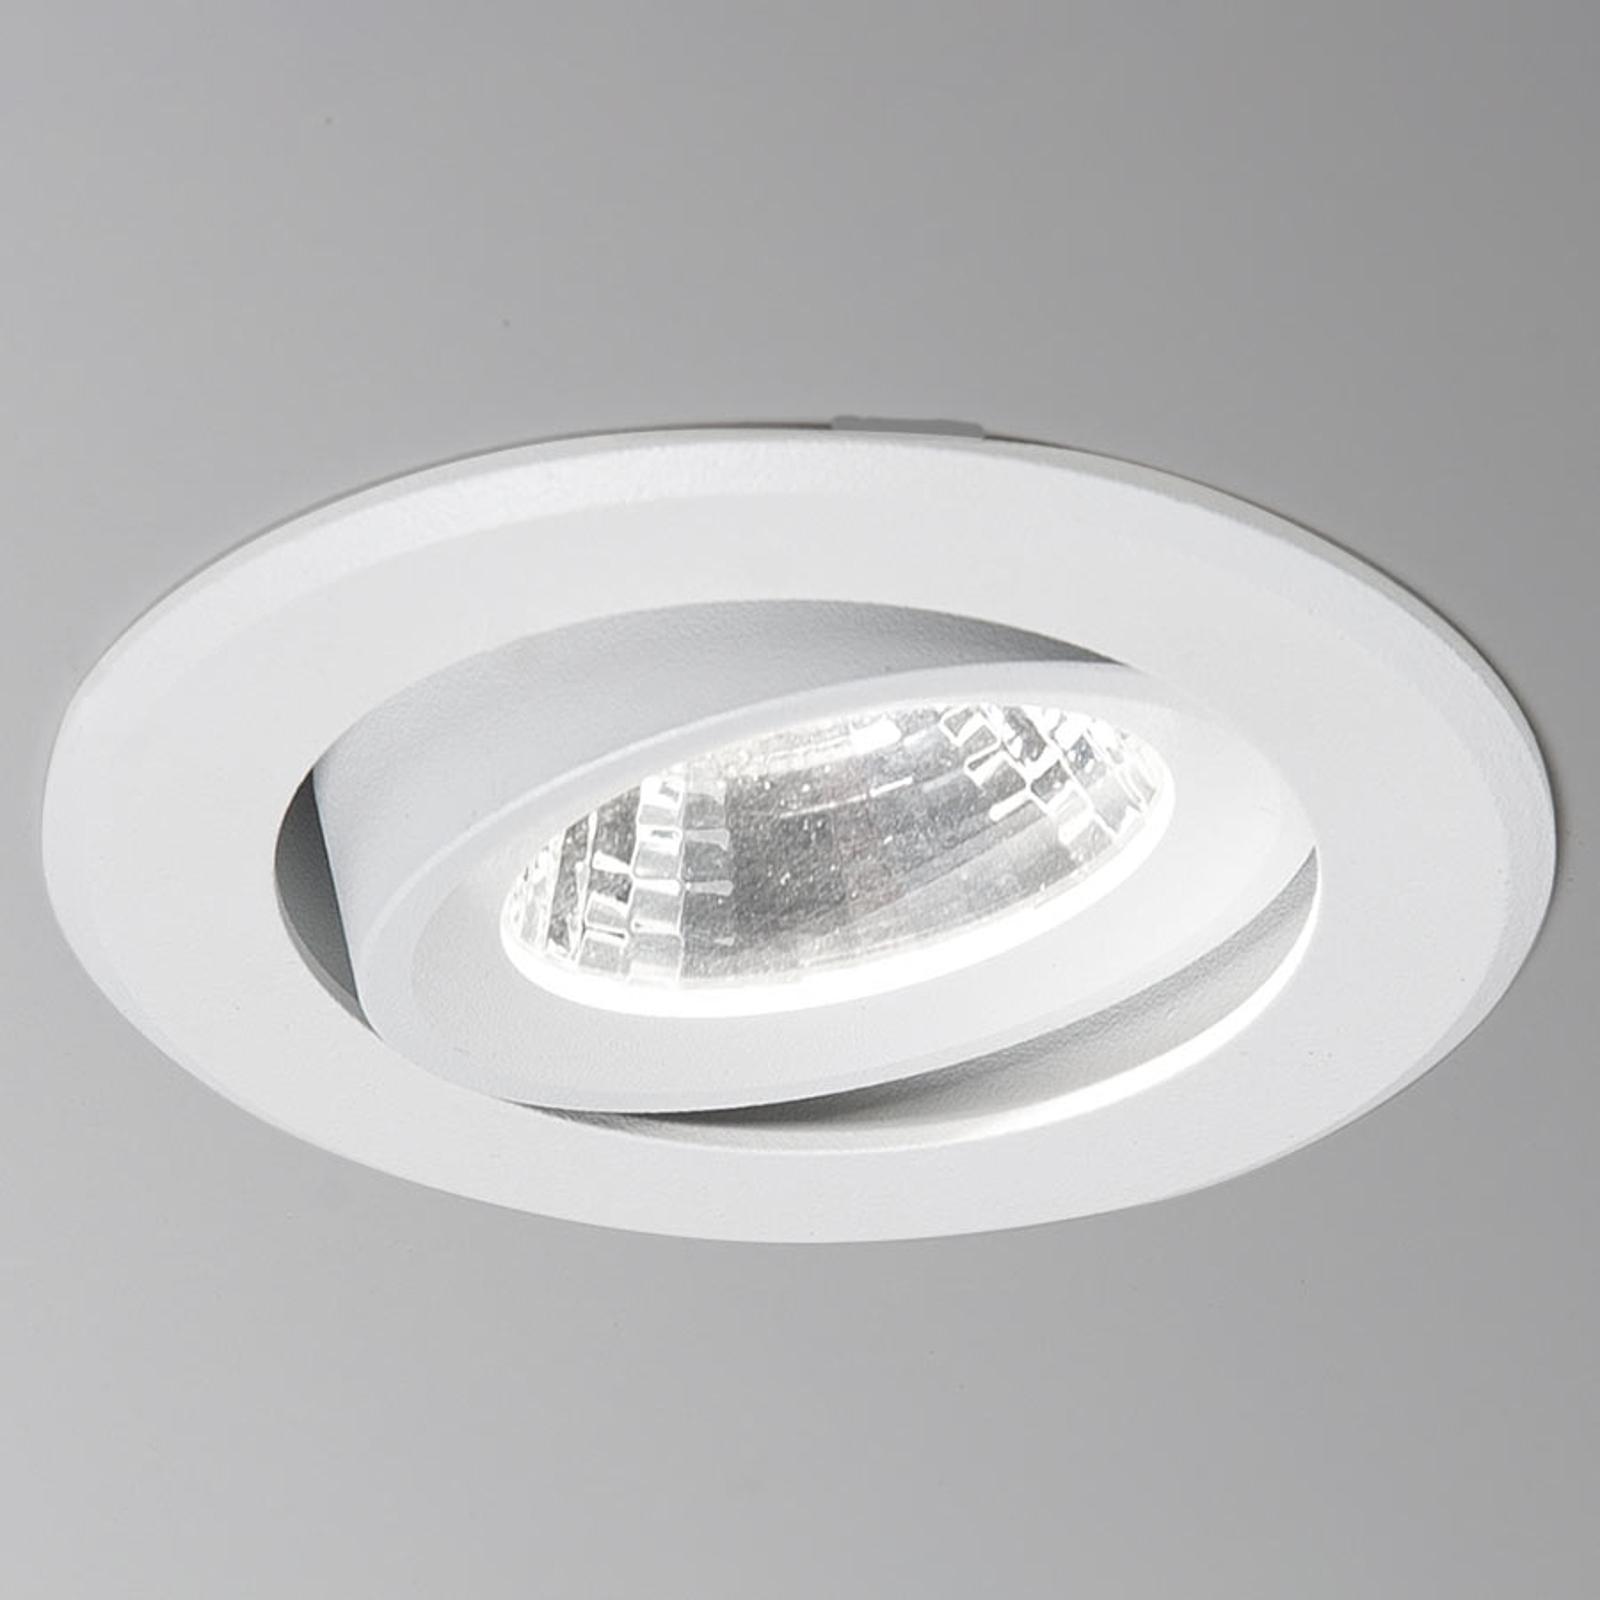 Acquista Agon Round spot LED incasso 3.000K 40° bianco